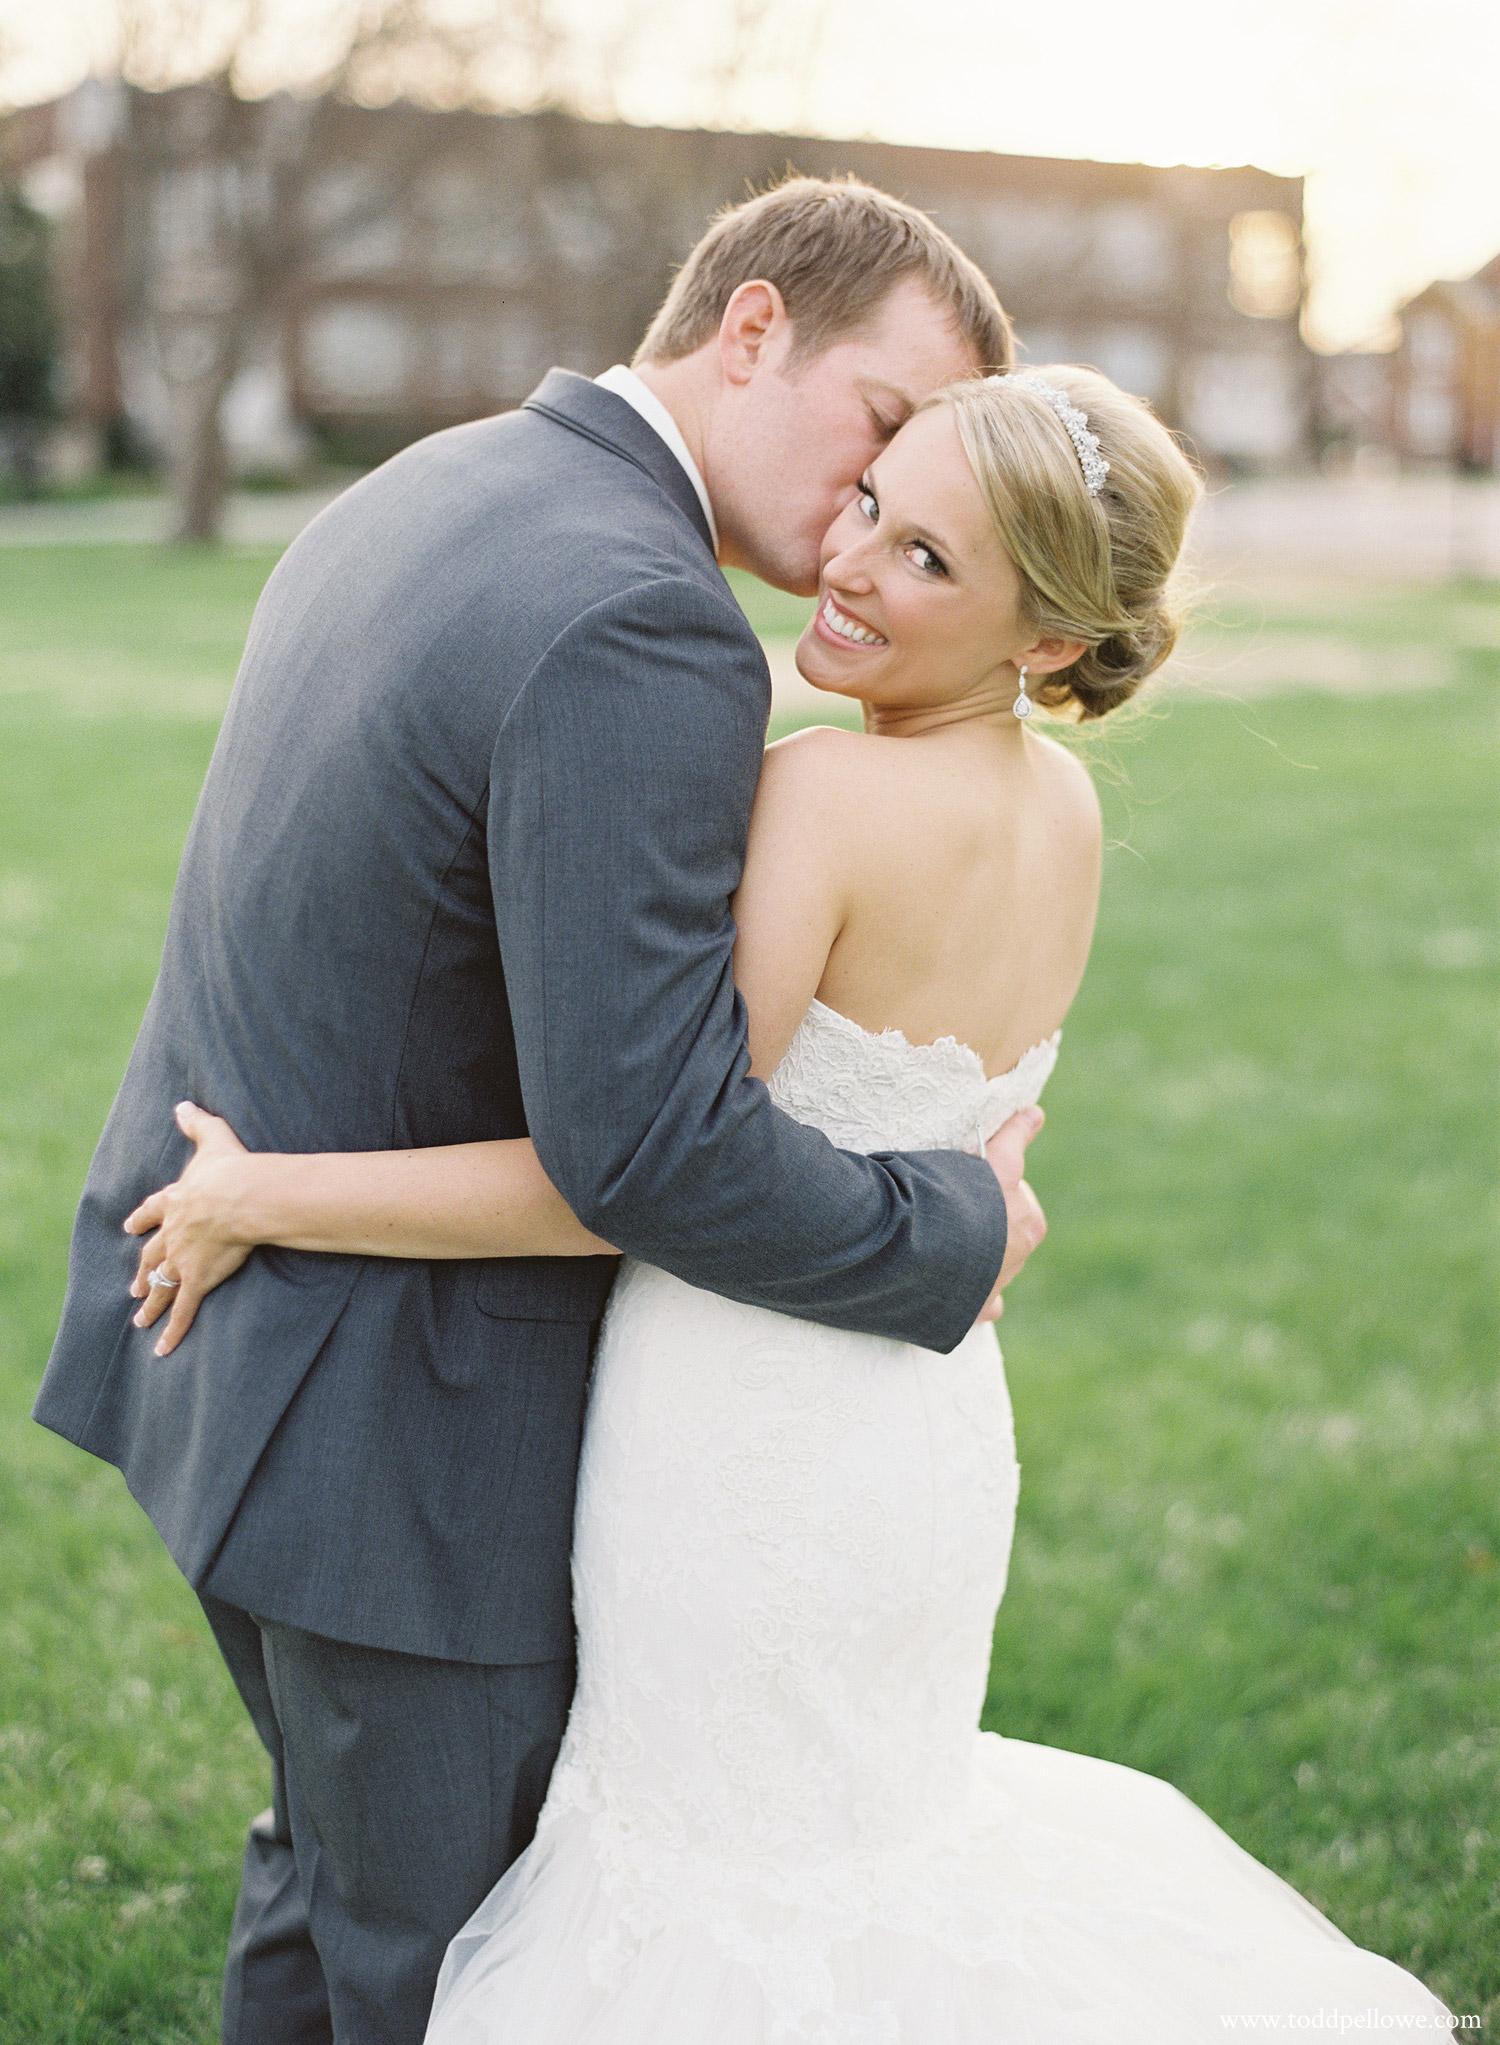 28-ashley-brian-brohm-louisville-wedding-014.jpg